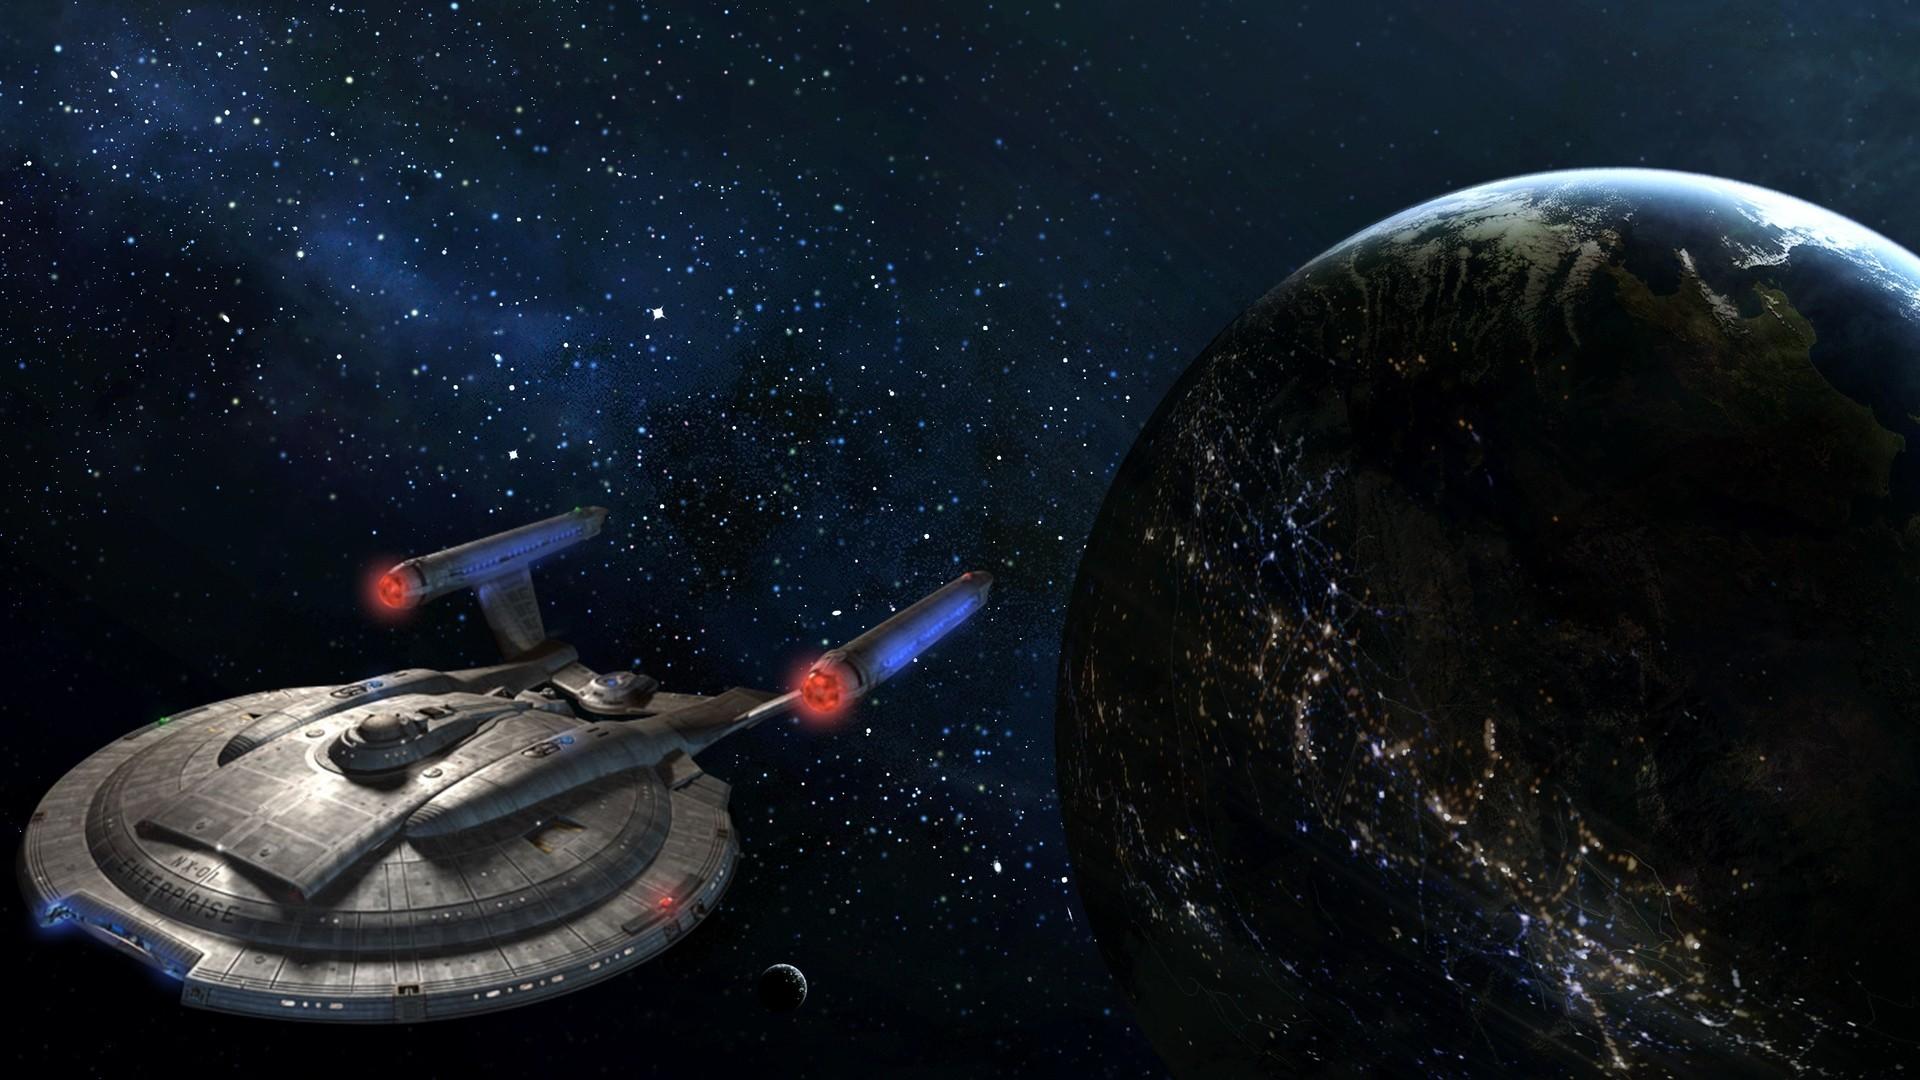 Star Trek: Enterprise Full HD Wallpaper